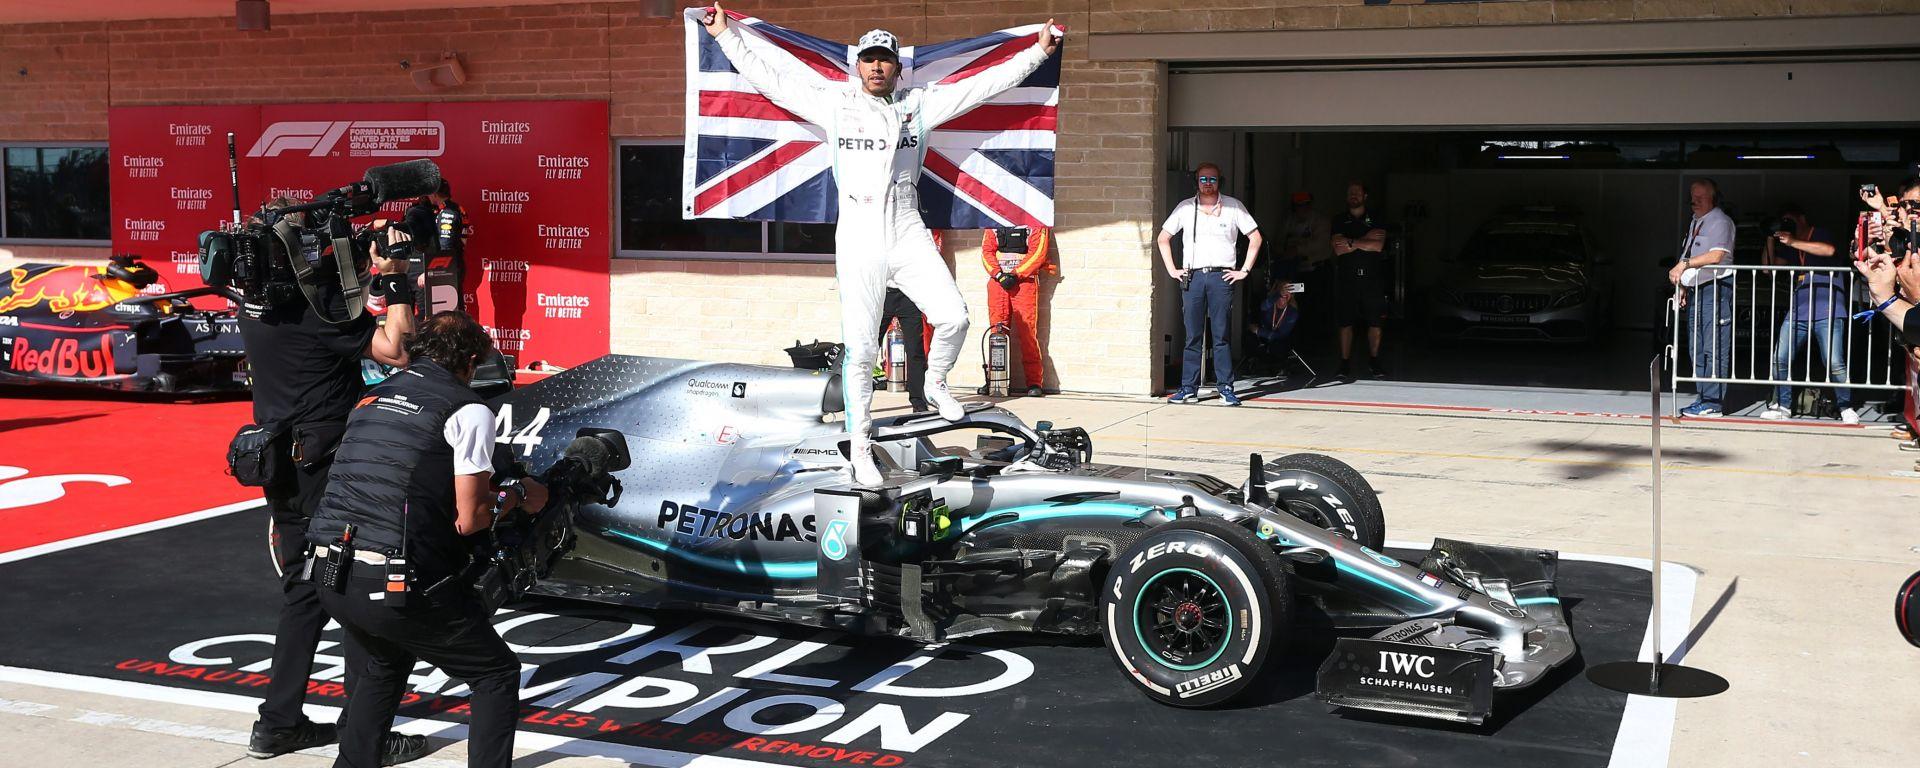 F1 GP Usa 2019, Austin: Lewis Hamilton (Mercedes) festeggia il sesto titolo mondiale